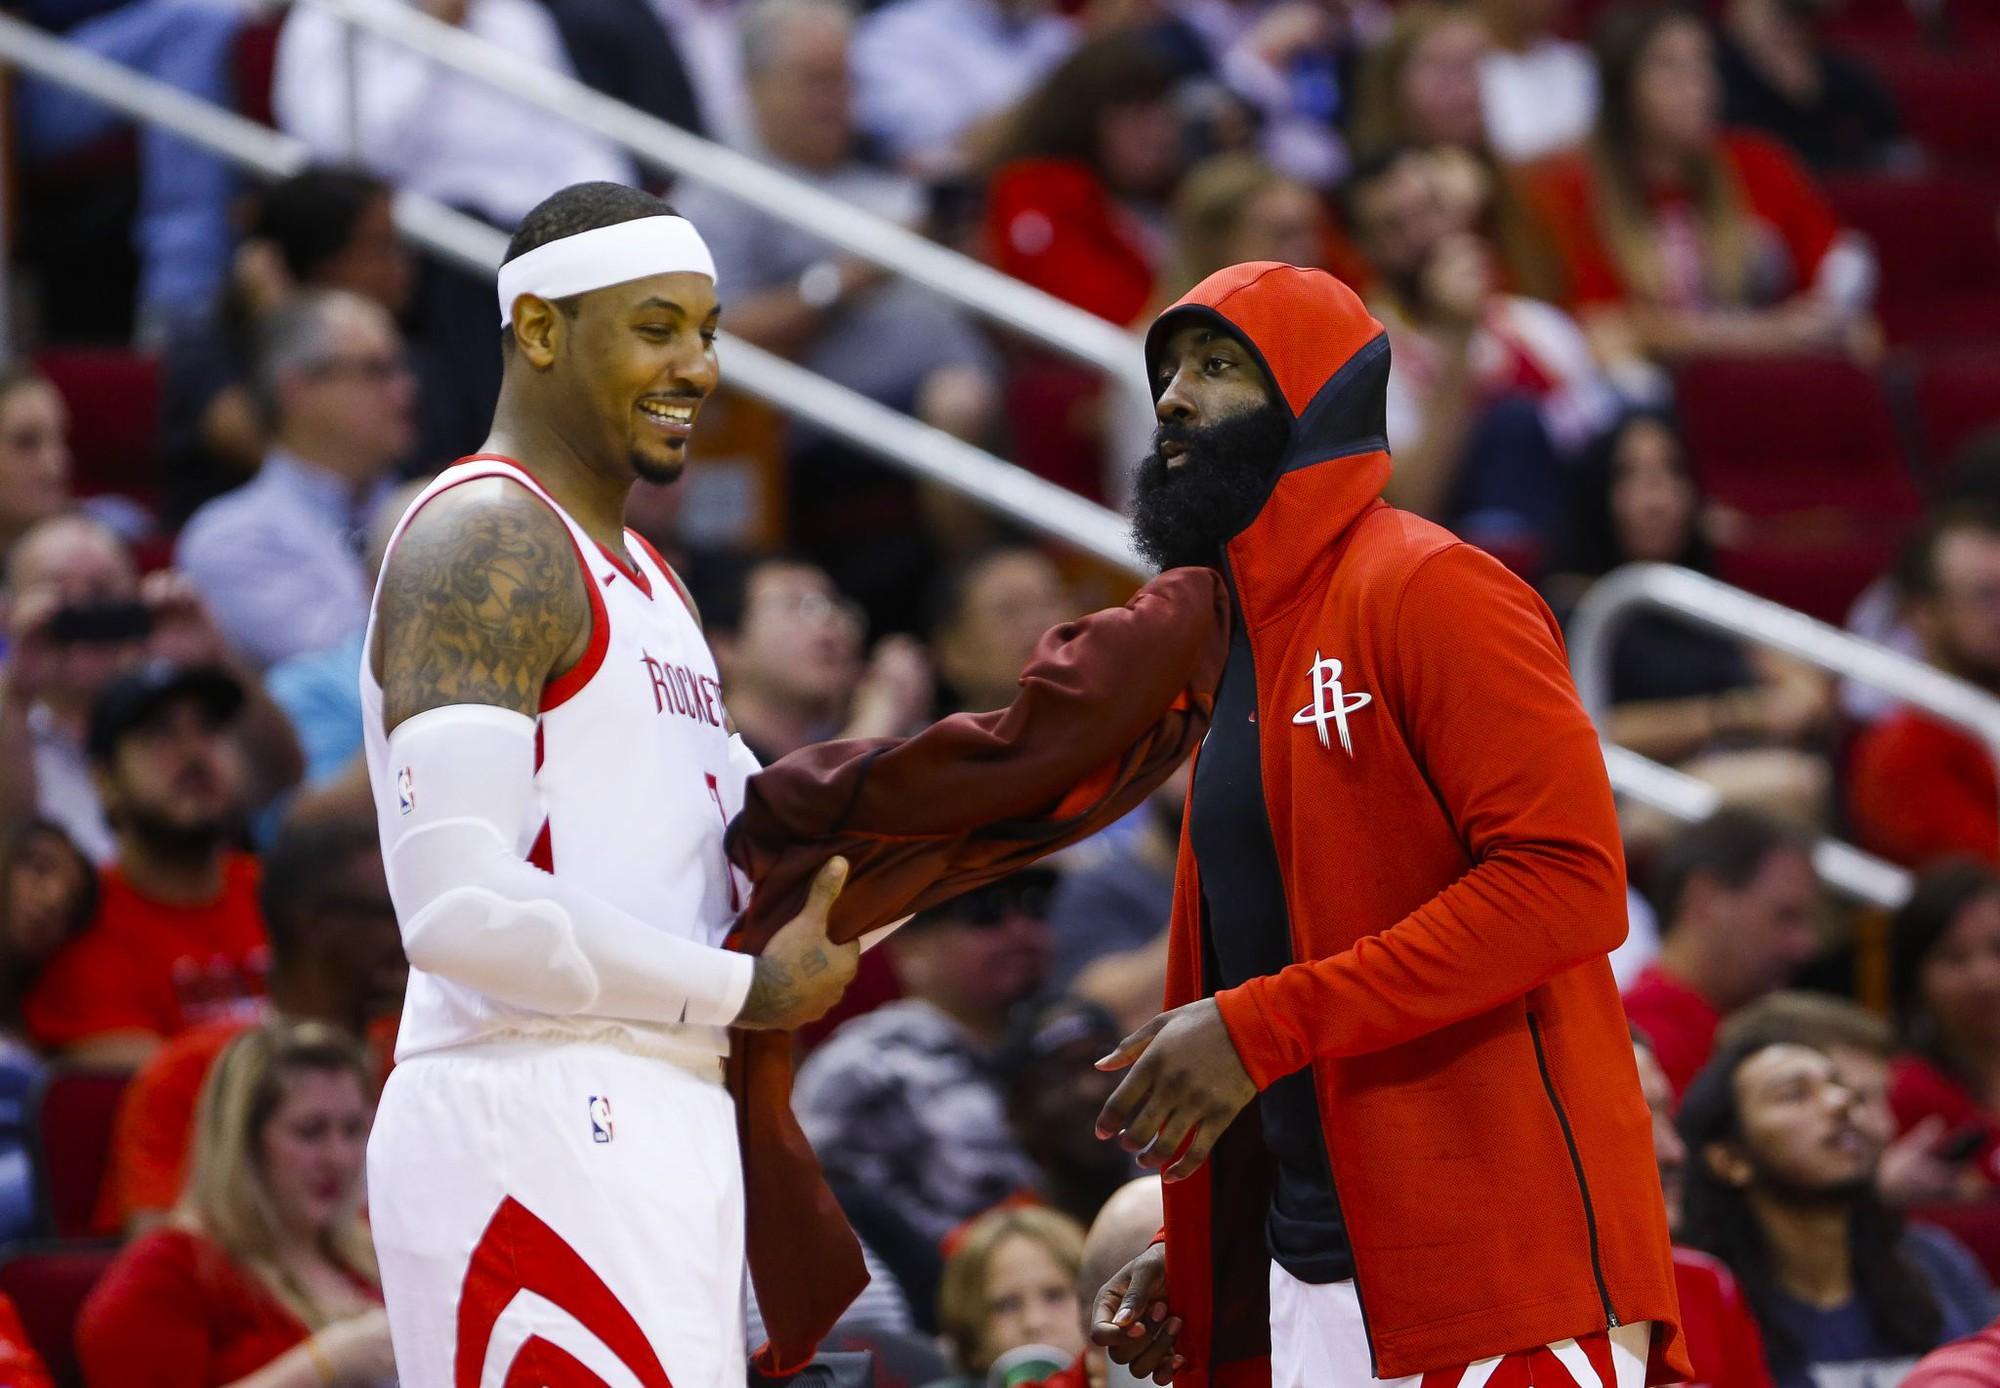 Sợ Carmelo Anthony dỗi vì dự bị, Houston Rockets chấp nhận chơi phá cách - Ảnh 1.